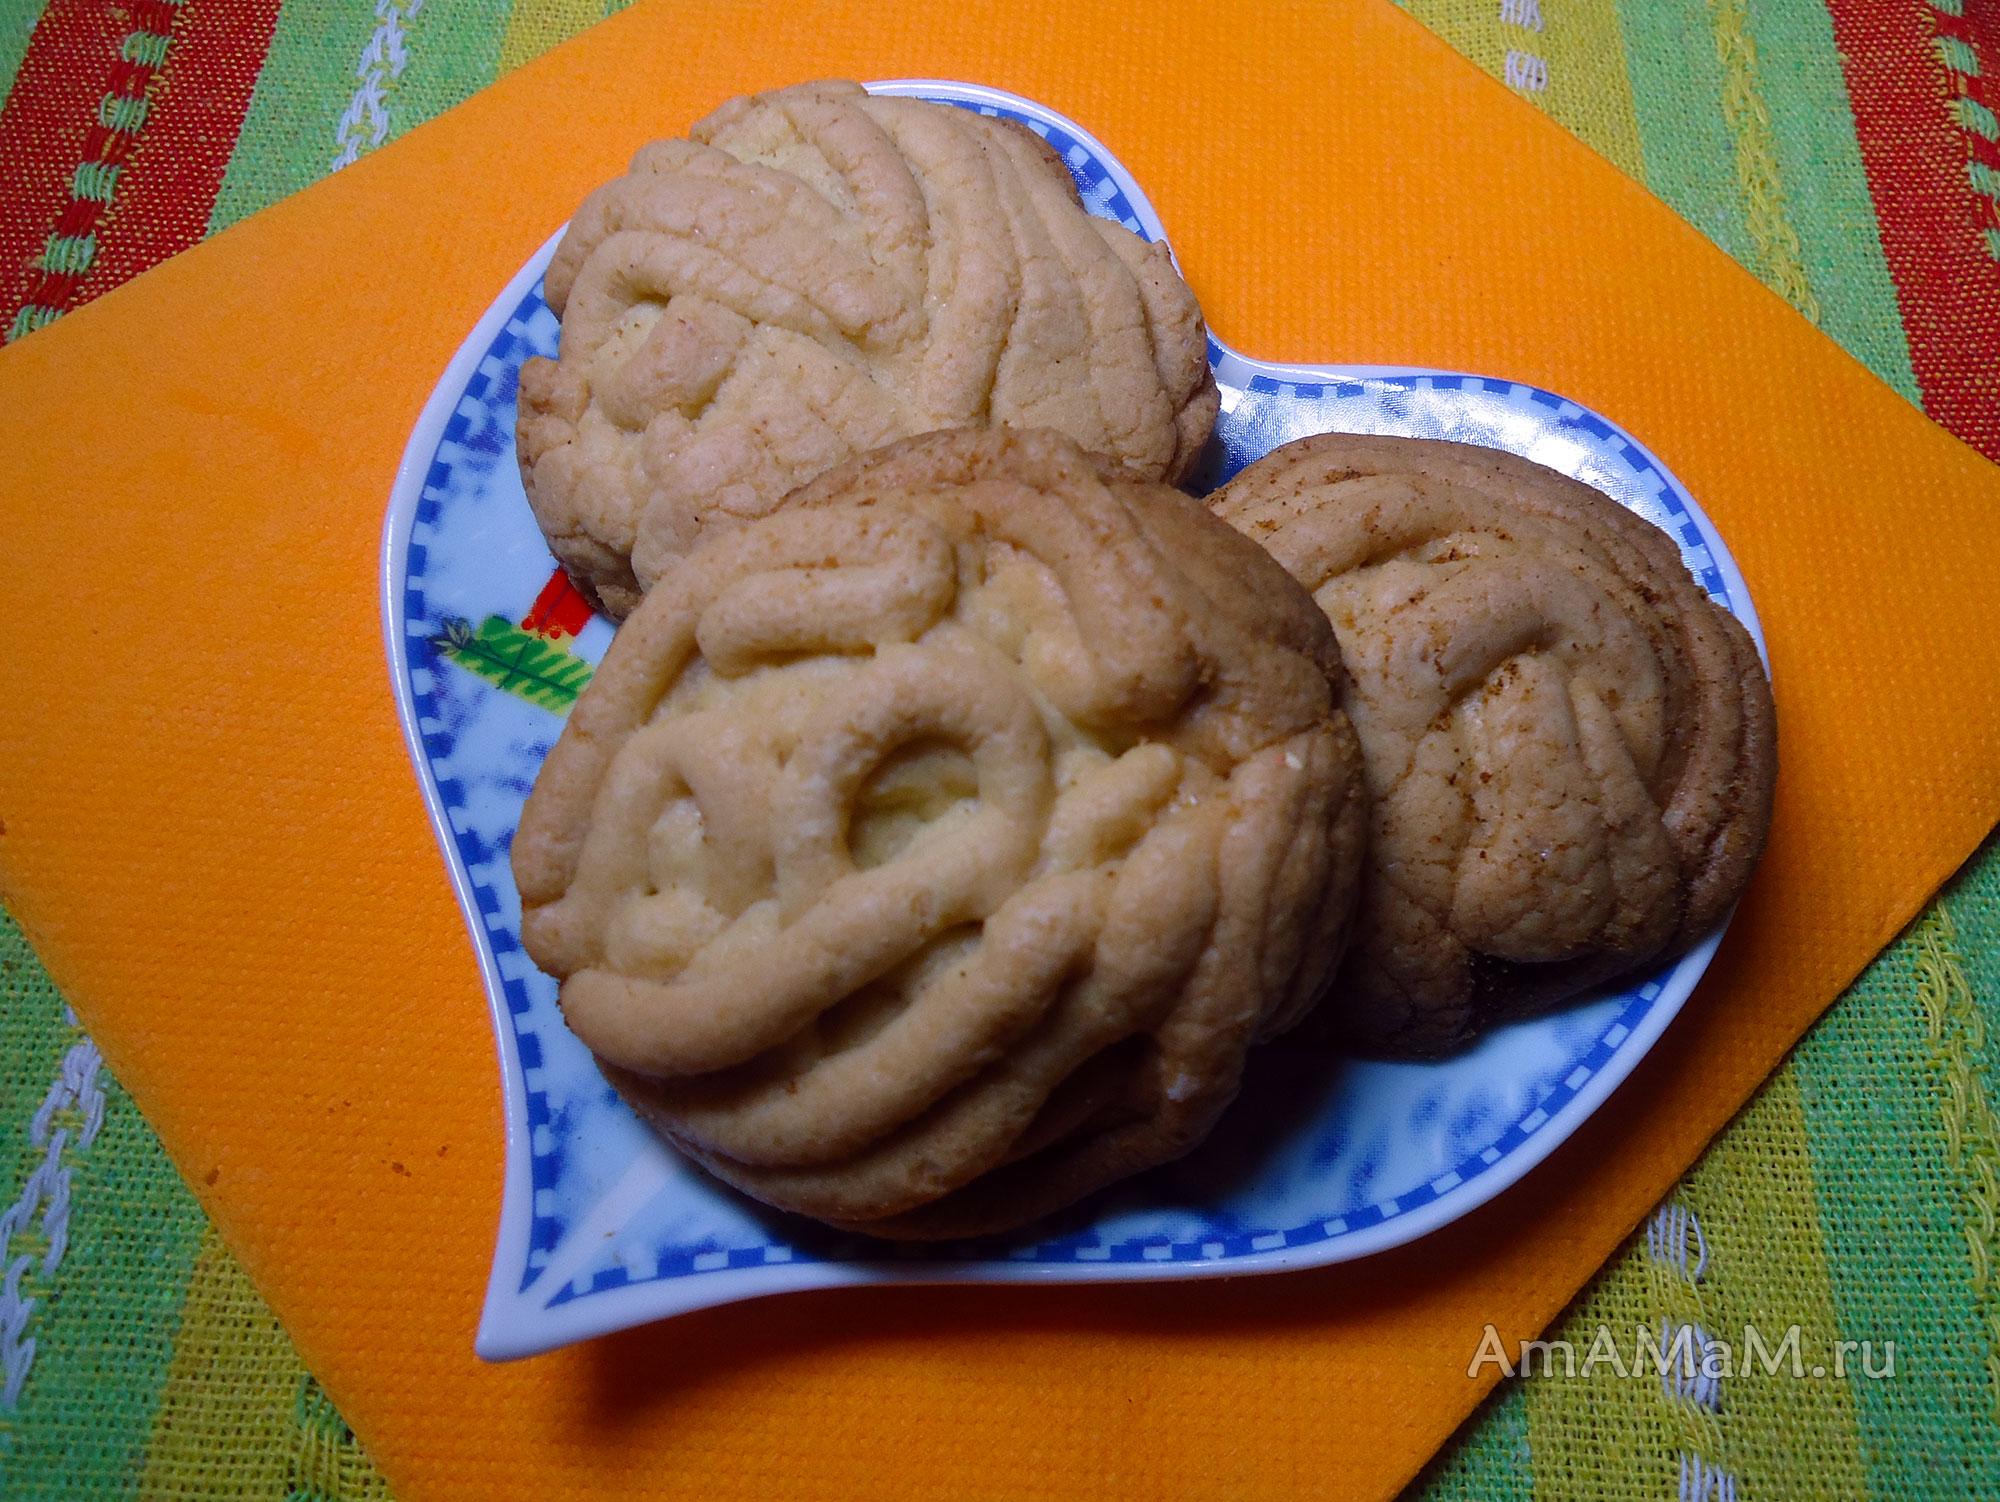 Рецепты песочного печенья через мясорубку